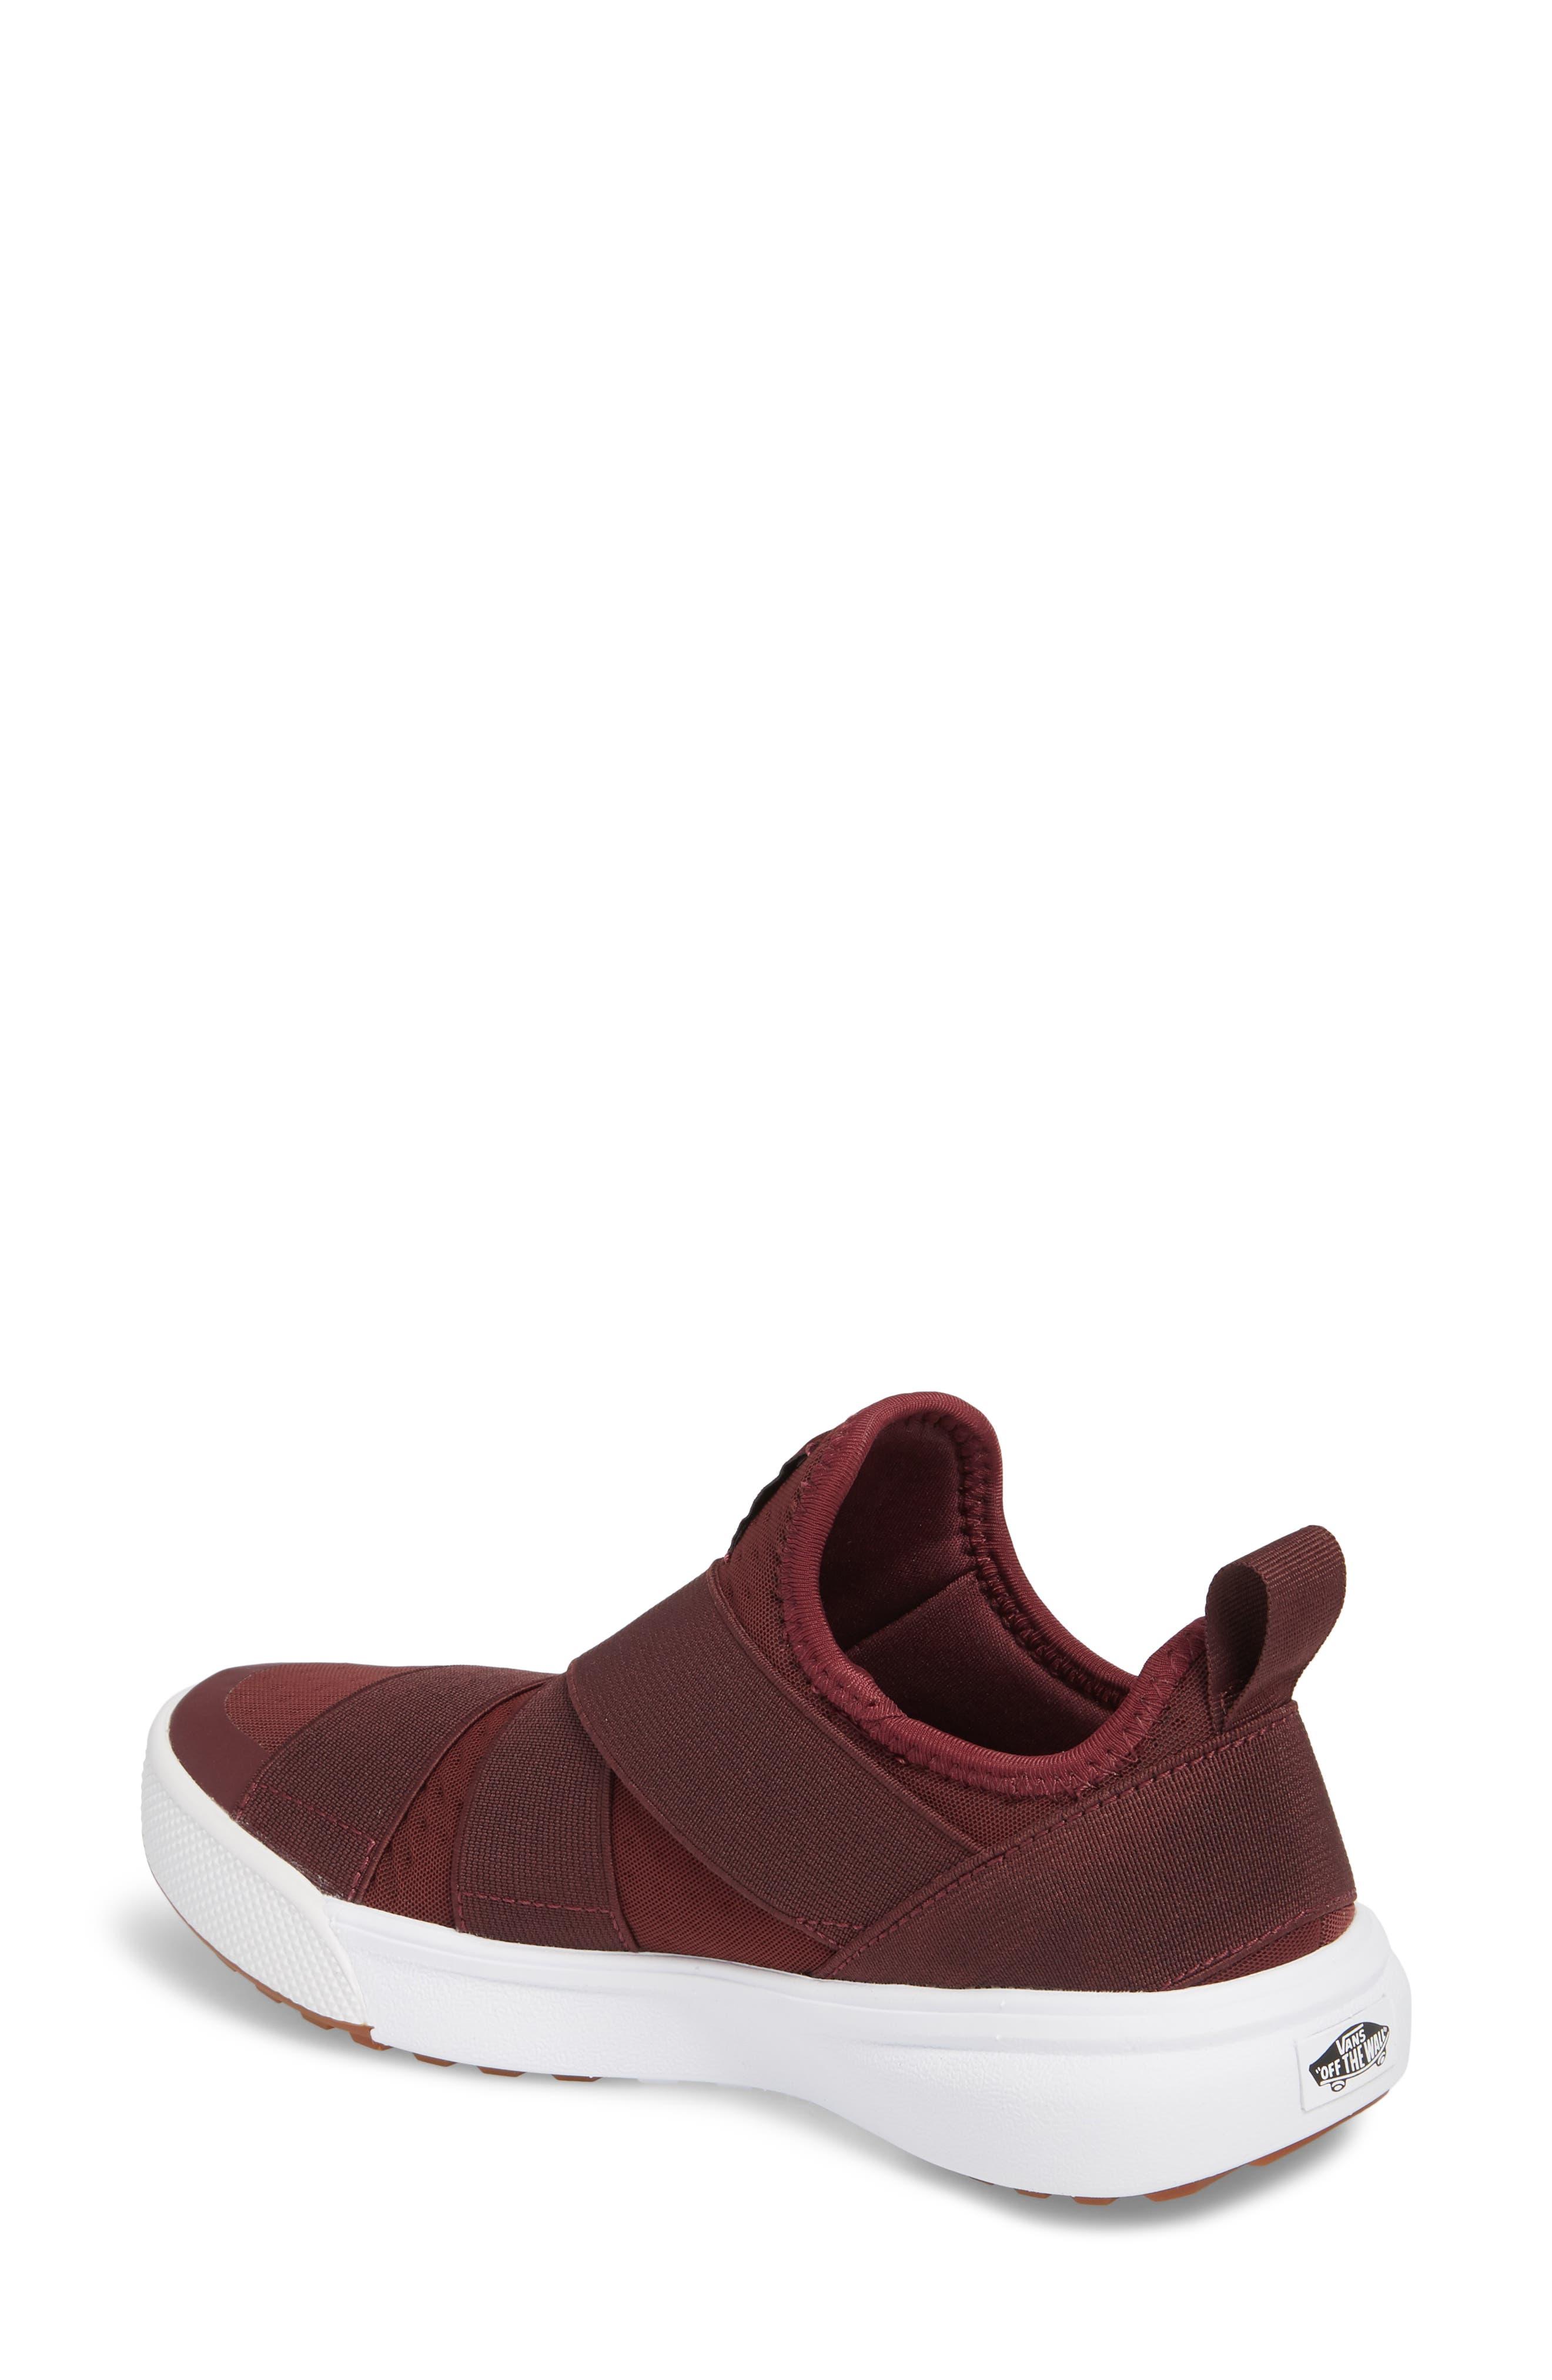 UltraRange Gore Slip-On Sneaker,                             Alternate thumbnail 2, color,                             Port Royale